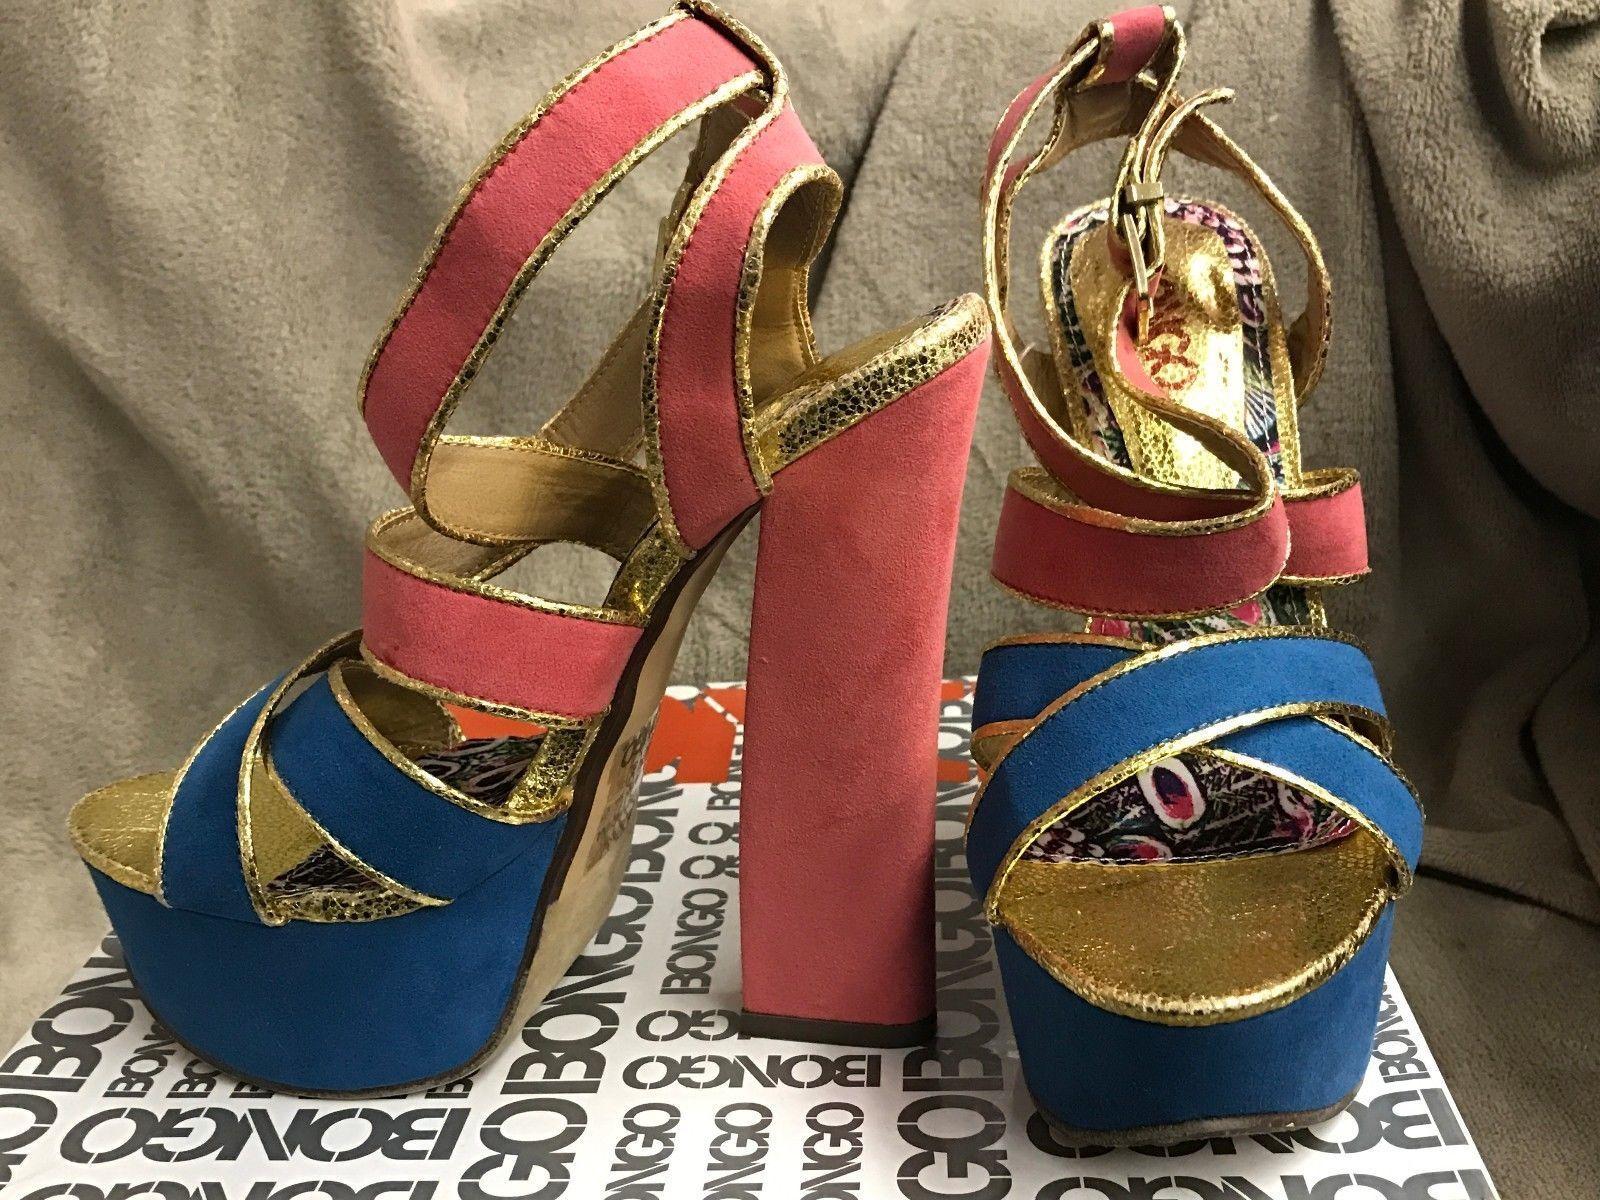 Women's Bongo Blue Pink Pumps Sandals High Heel Platform Pumps Pink 3f5a33